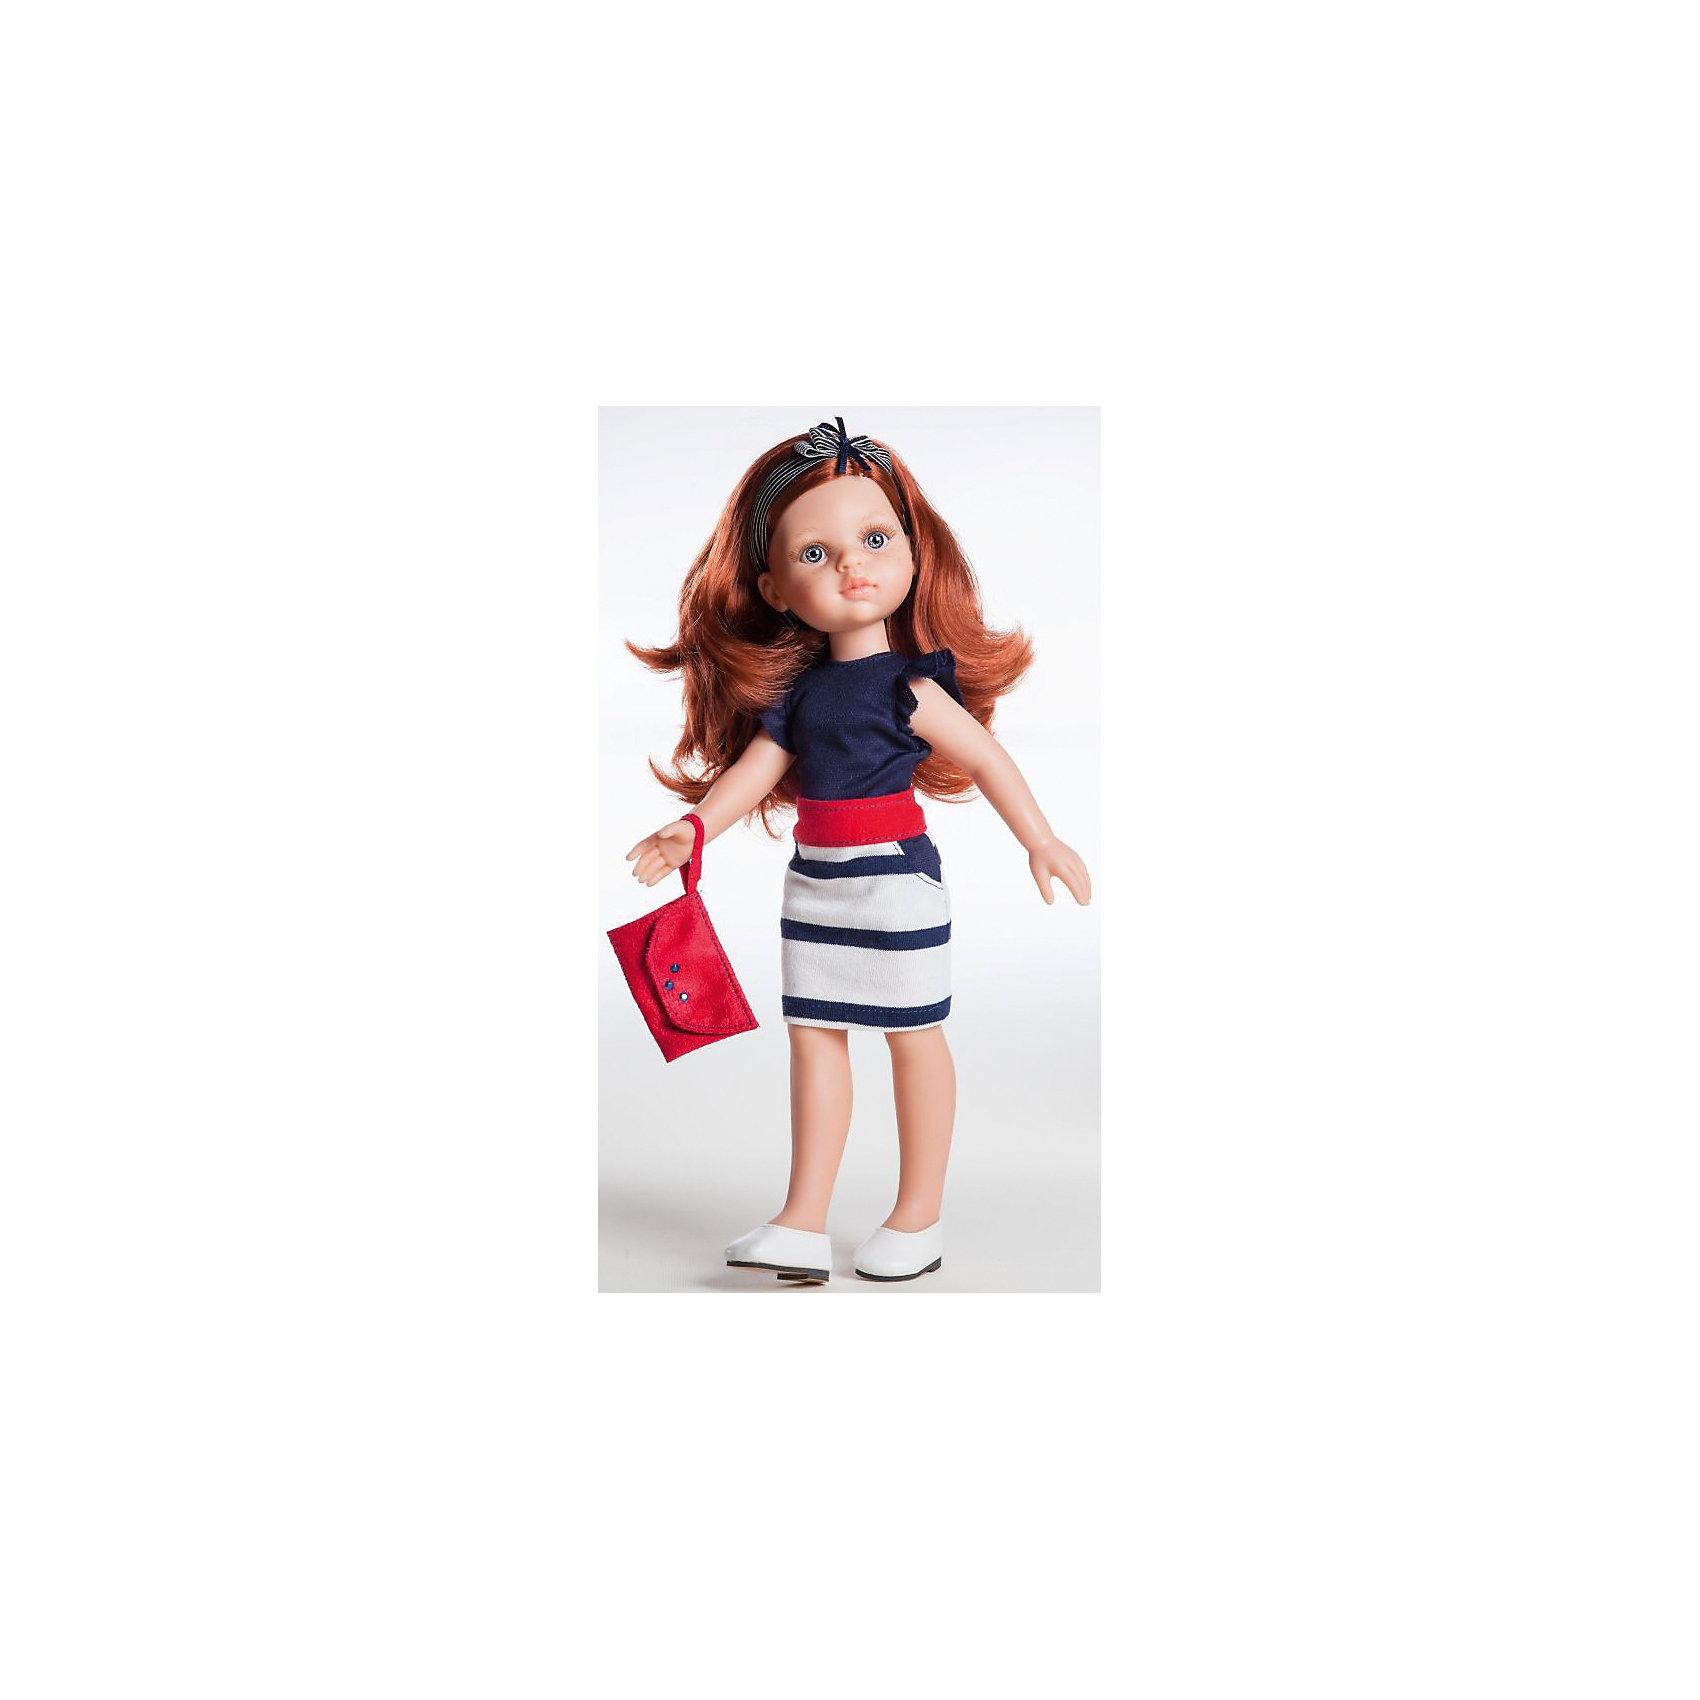 Кукла Кристи, 32 смКлассические куклы<br>Девочки обожают играть в куклы. Это не только весело, но и помогает развить ключевые социальные навыки! Кукла Кристи с длинными волосами, которые можно расчесывать, приведет в восторг любую девочку! Она сделана из высококачественного винила, одета в модный наряд. Её конечности подвижны,<br>а губы, щечки, веснушки и волосы – полностью ручная работа. Кукла приятно пахнет ванилью.<br>Эта кукла обязательно порадует ребенка! Он станет отличным подарком и поможет девочке развивать свою фантазию и мелкую моторику. Игрушка сделана из качественных и безопасных для ребенка материалов.<br><br>Дополнительная информация:<br><br>цвет: разноцветный;<br>высота: 32 см;<br>вес: 667 г;<br>комплектация: кукла, одежда, аксессуары;<br>материал: винил.<br><br>Куклу Кристи, 32 см можно купить в нашем магазине.<br><br>Ширина мм: 11<br>Глубина мм: 23<br>Высота мм: 41<br>Вес г: 667<br>Возраст от месяцев: 36<br>Возраст до месяцев: 144<br>Пол: Женский<br>Возраст: Детский<br>SKU: 4918670